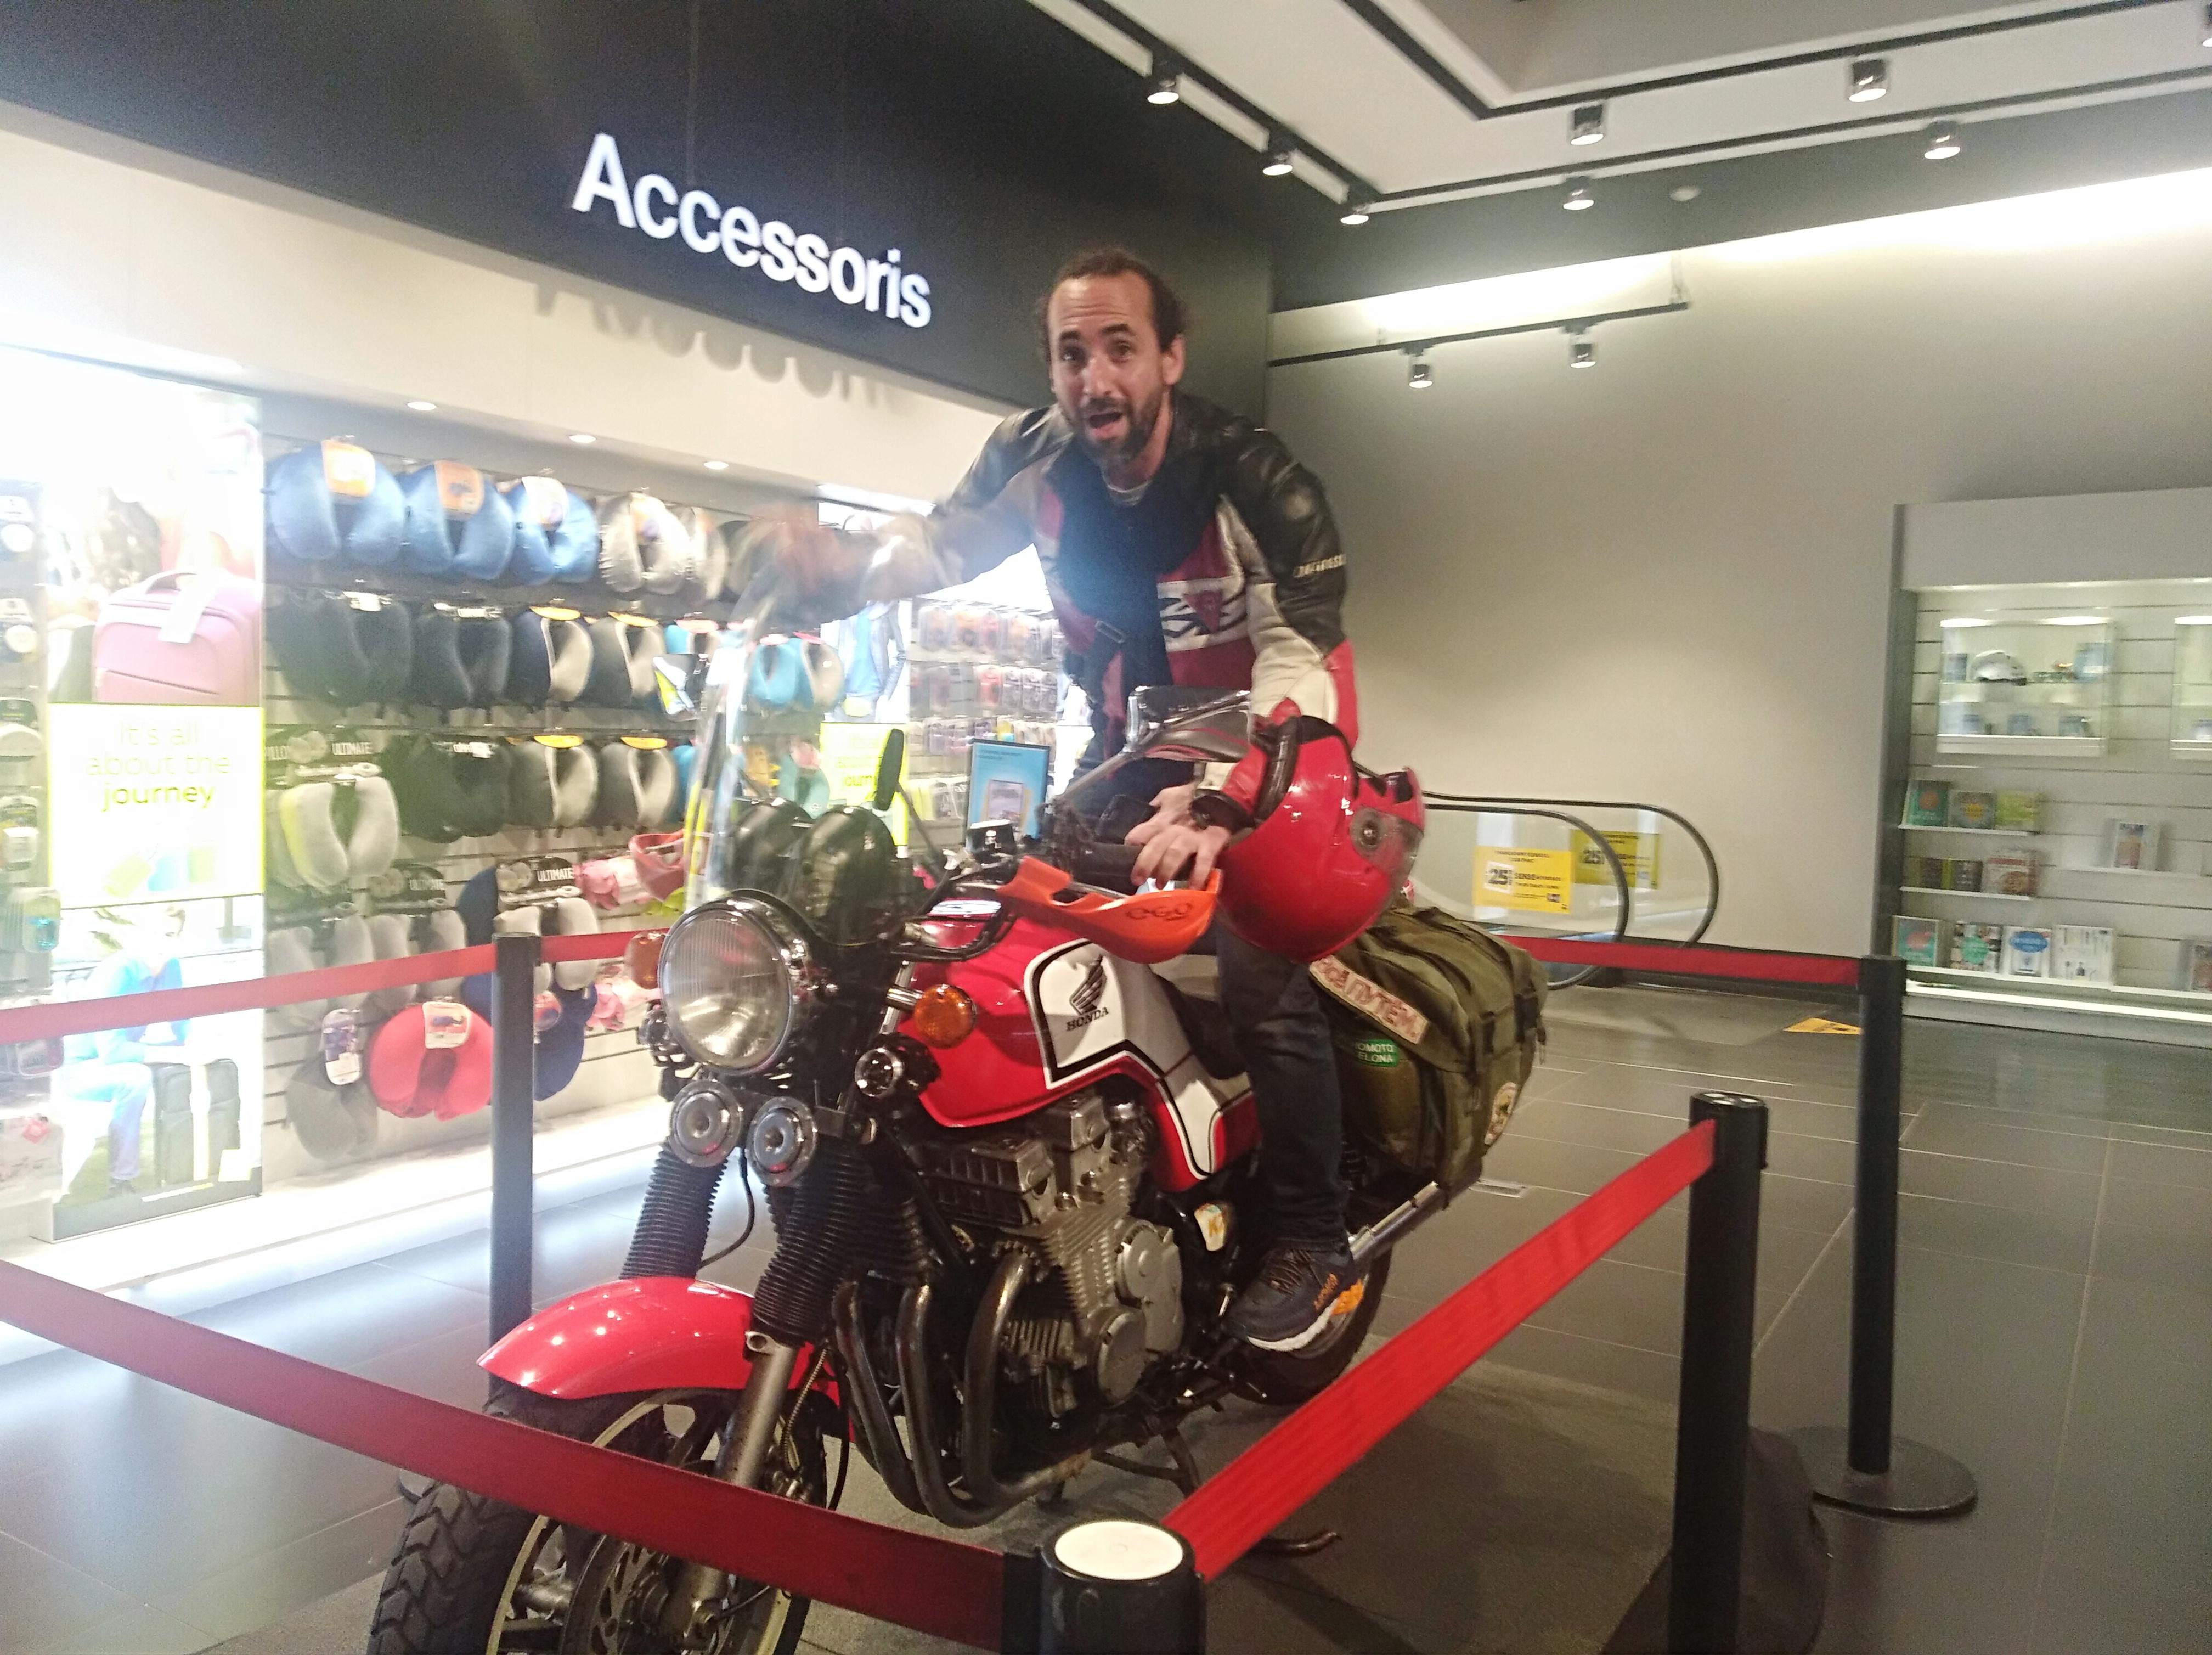 La Honda viajera de Ricardo Fité, expuesta en FNAC Triangle de Barcelona